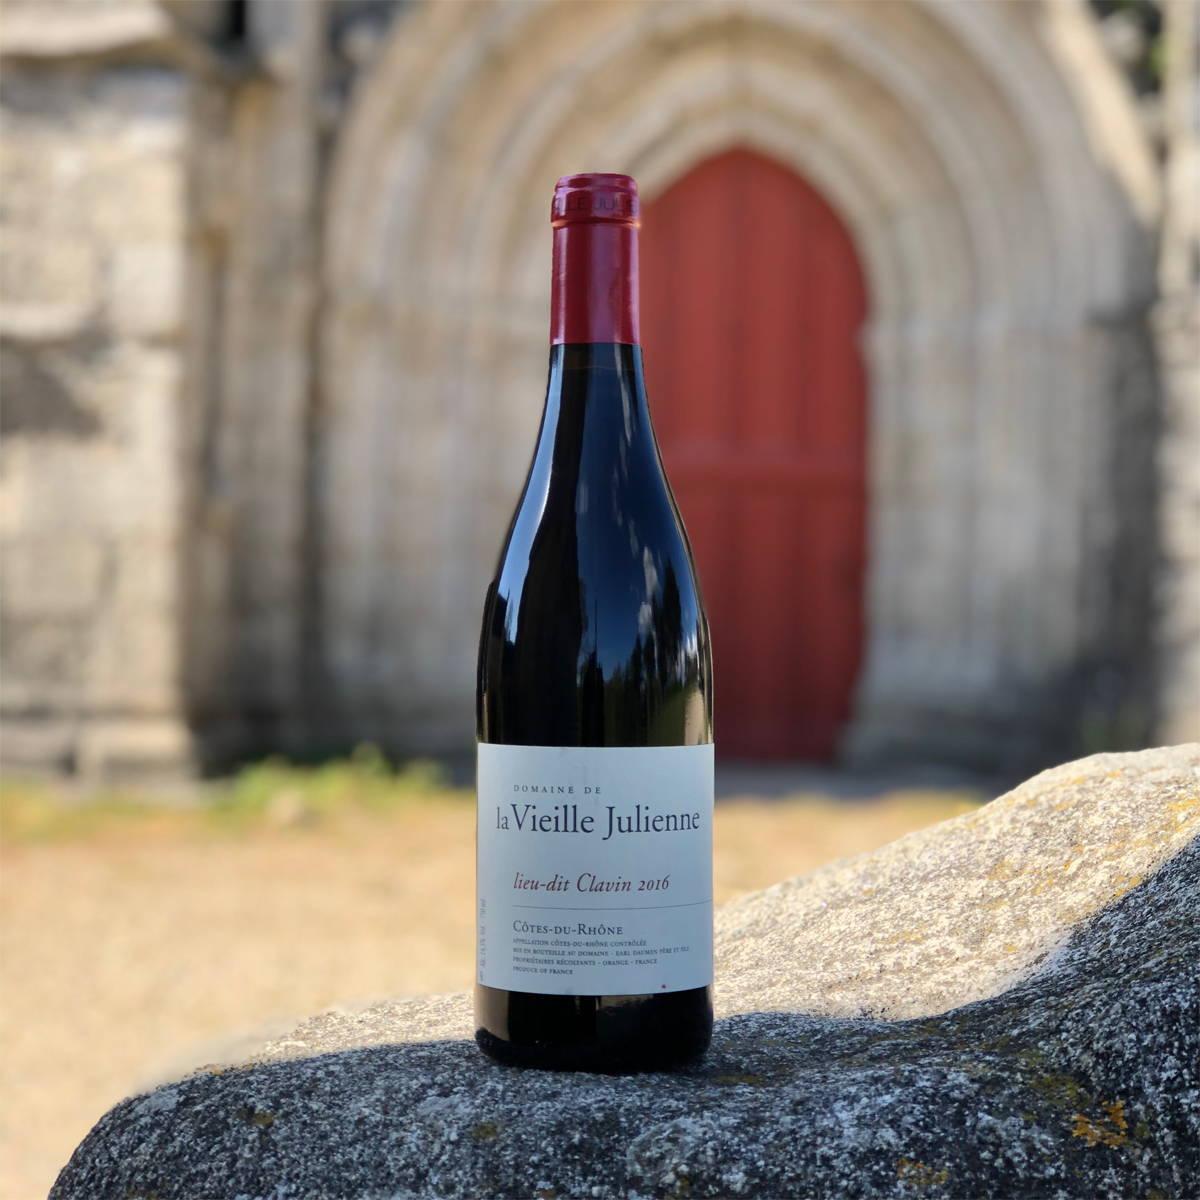 vin, rhône, la vieille julienne, lieu dit clavin, chateauneuf du pape, raw wine, vin nature, naturel, vin naturel, vin blanc, vin rouge, organic wine, vin bio